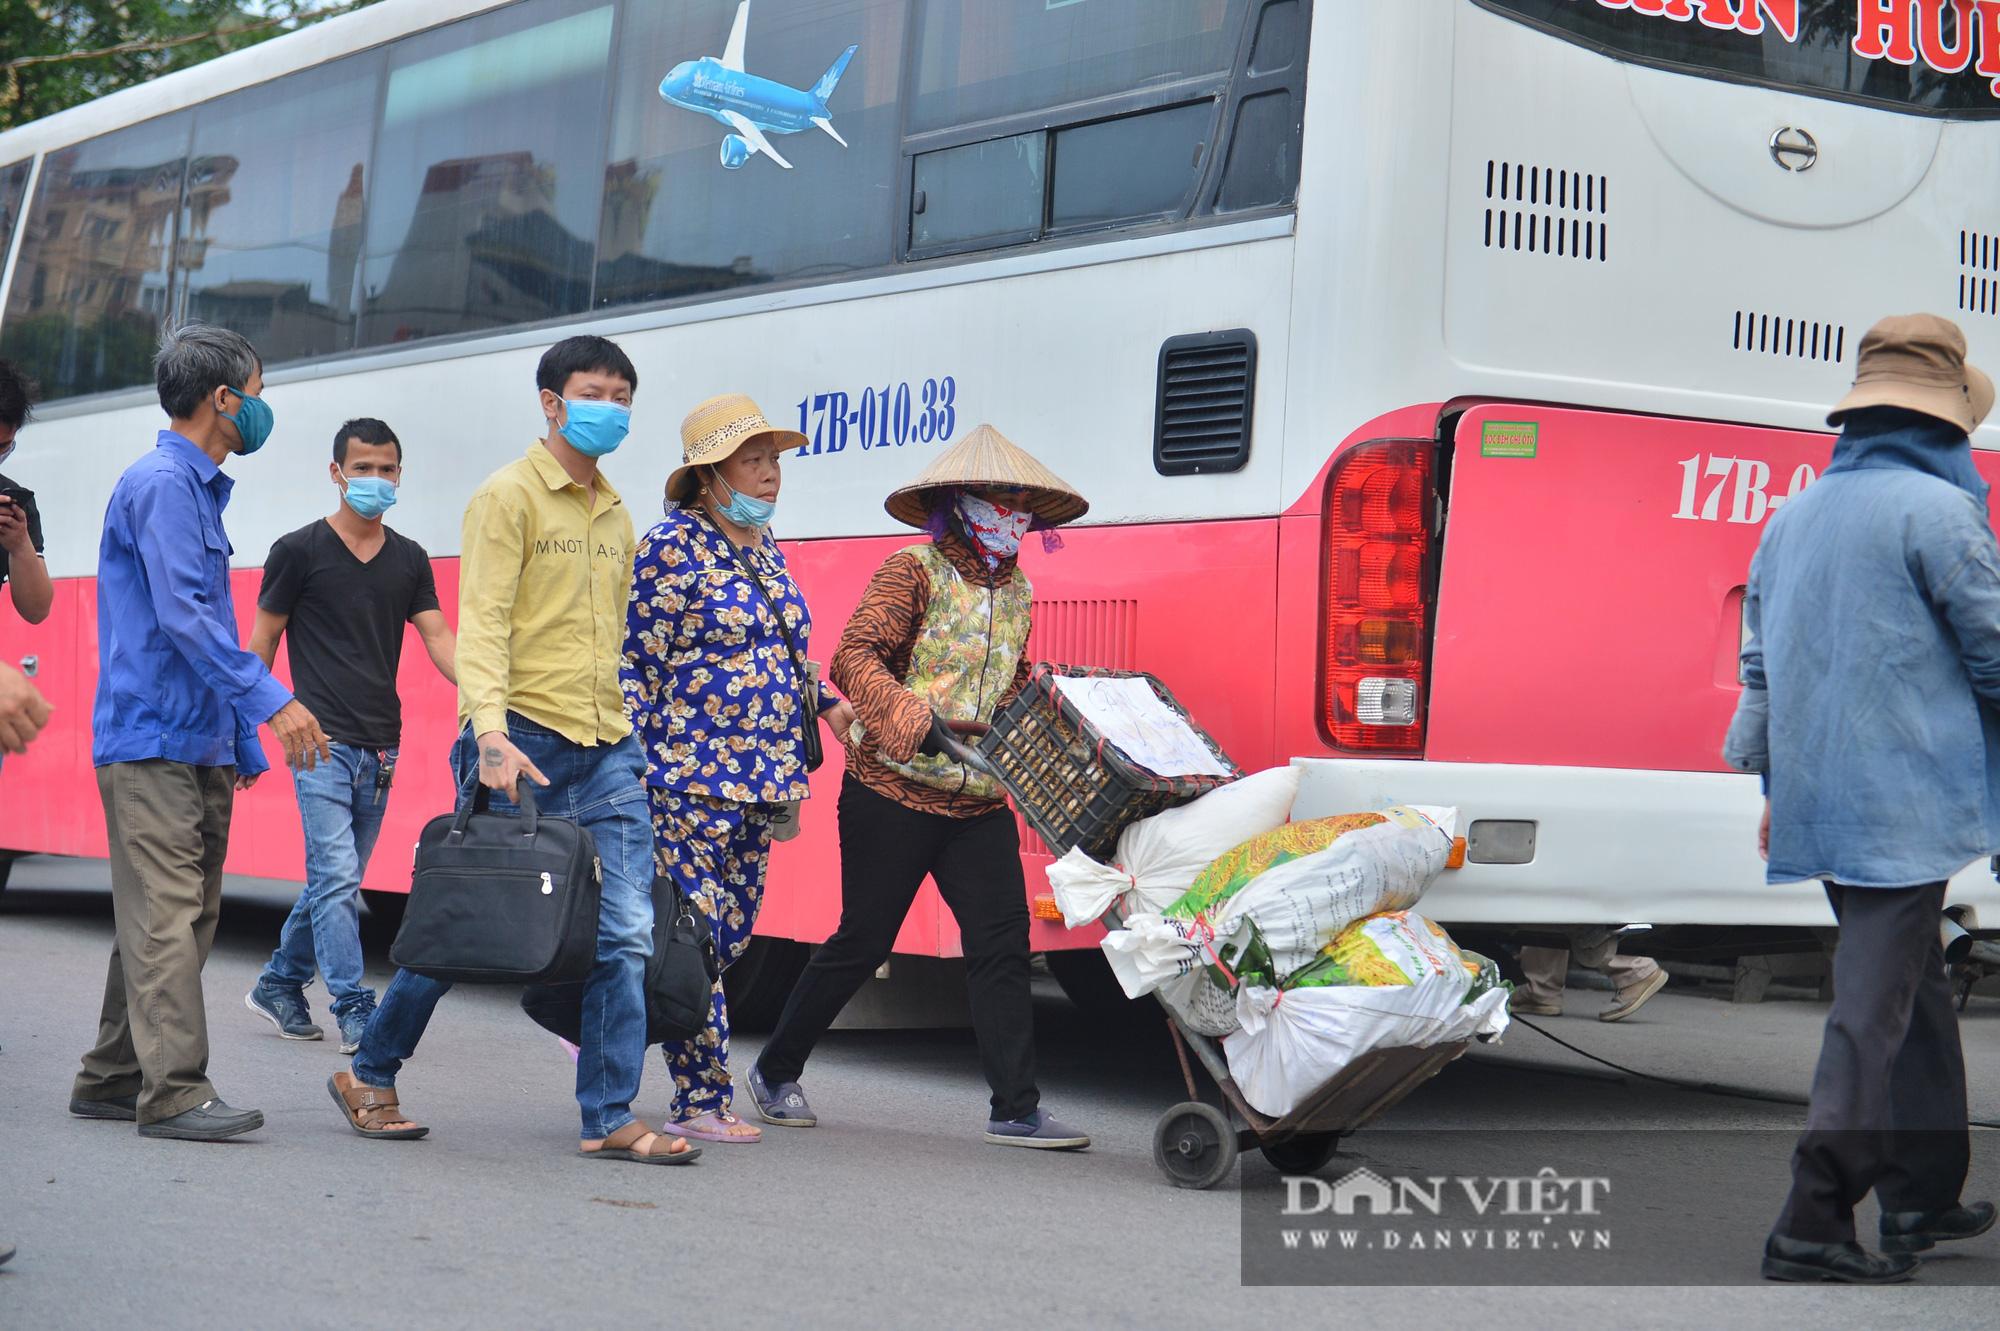 Lo sợ Covid-19 người dân 100% đeo khẩu trang tại các bến xe khi quay trở lại Hà Nội - Ảnh 10.